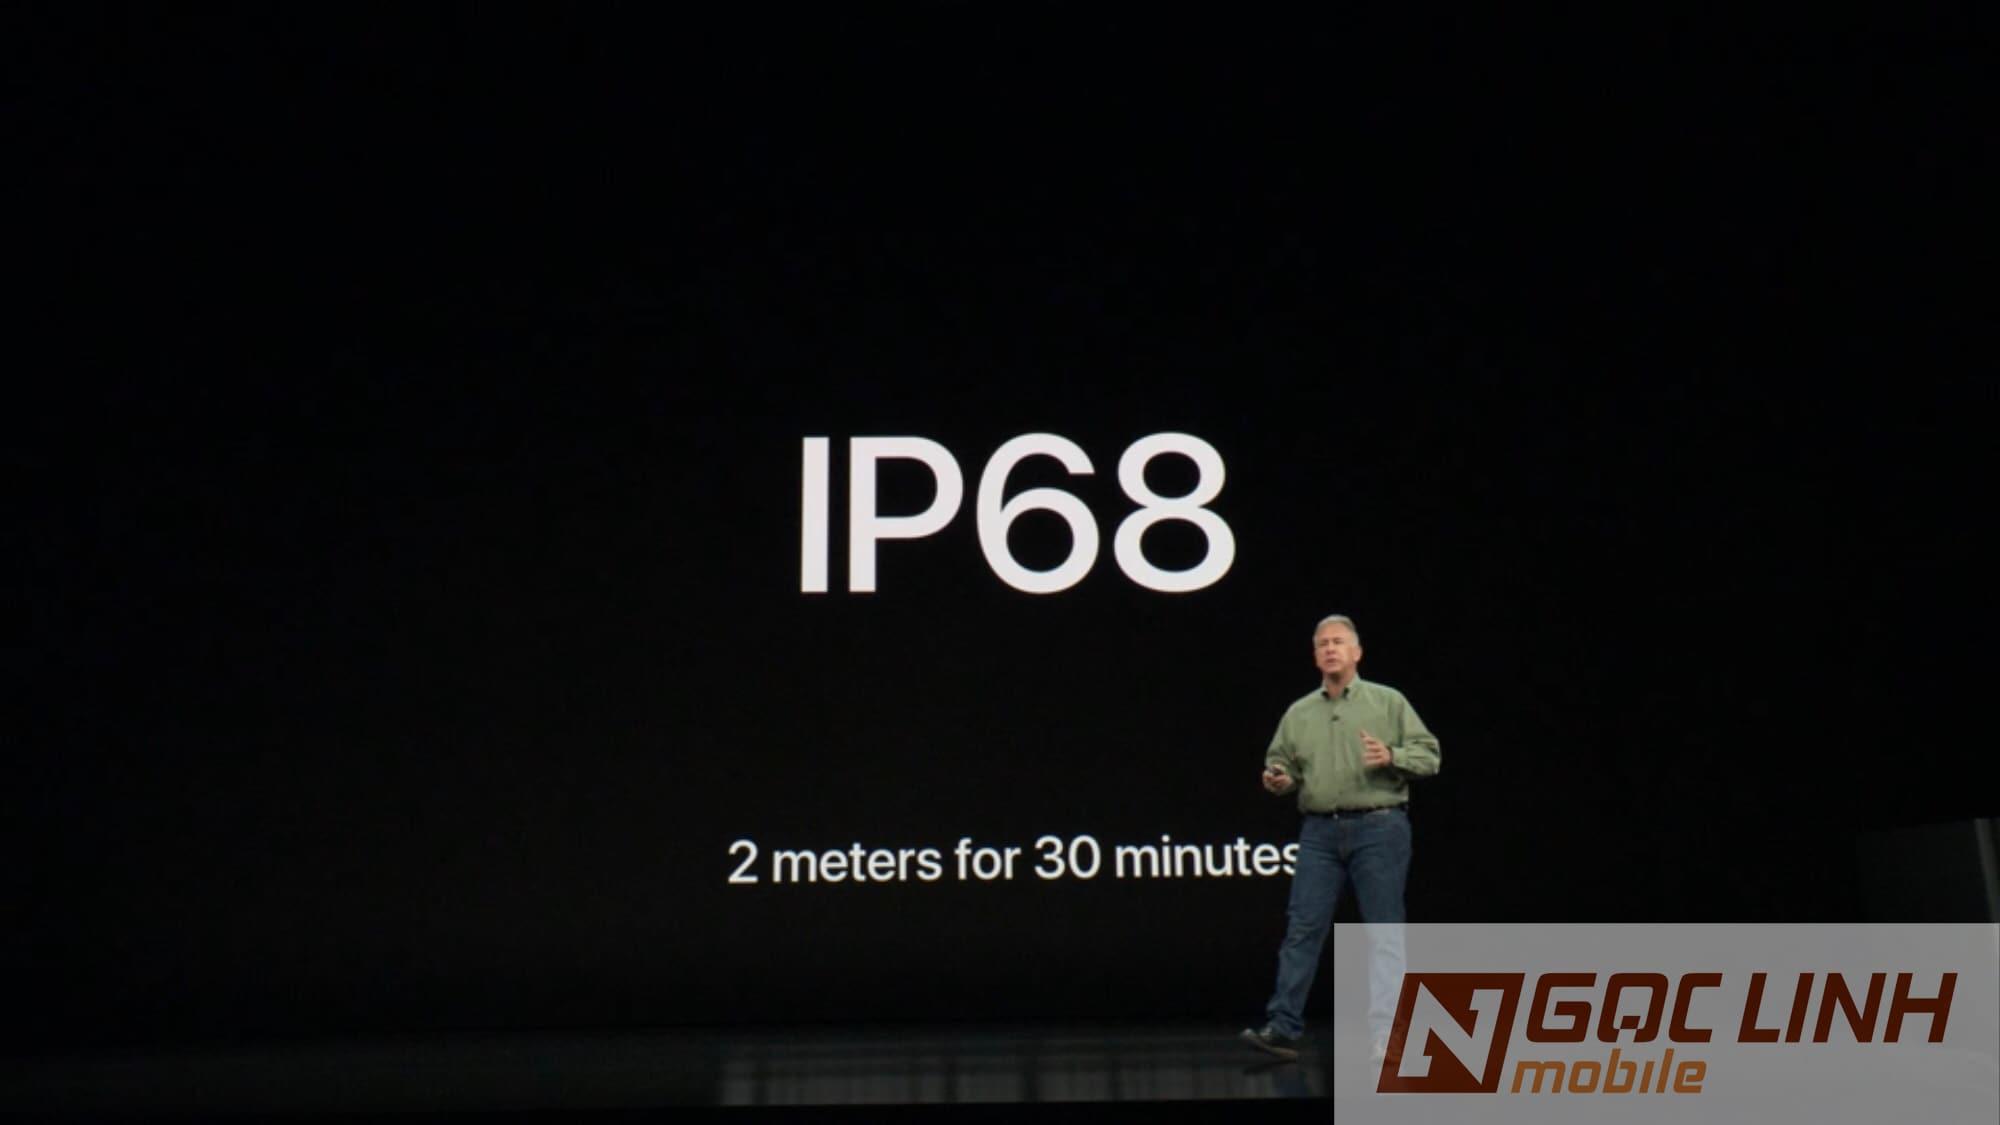 iPhone 11 Pro Max iphone 11 pro max - Cùng chuẩn IP68, vì sao iPhone 11 Pro Max lại chống nước tốt nhất?